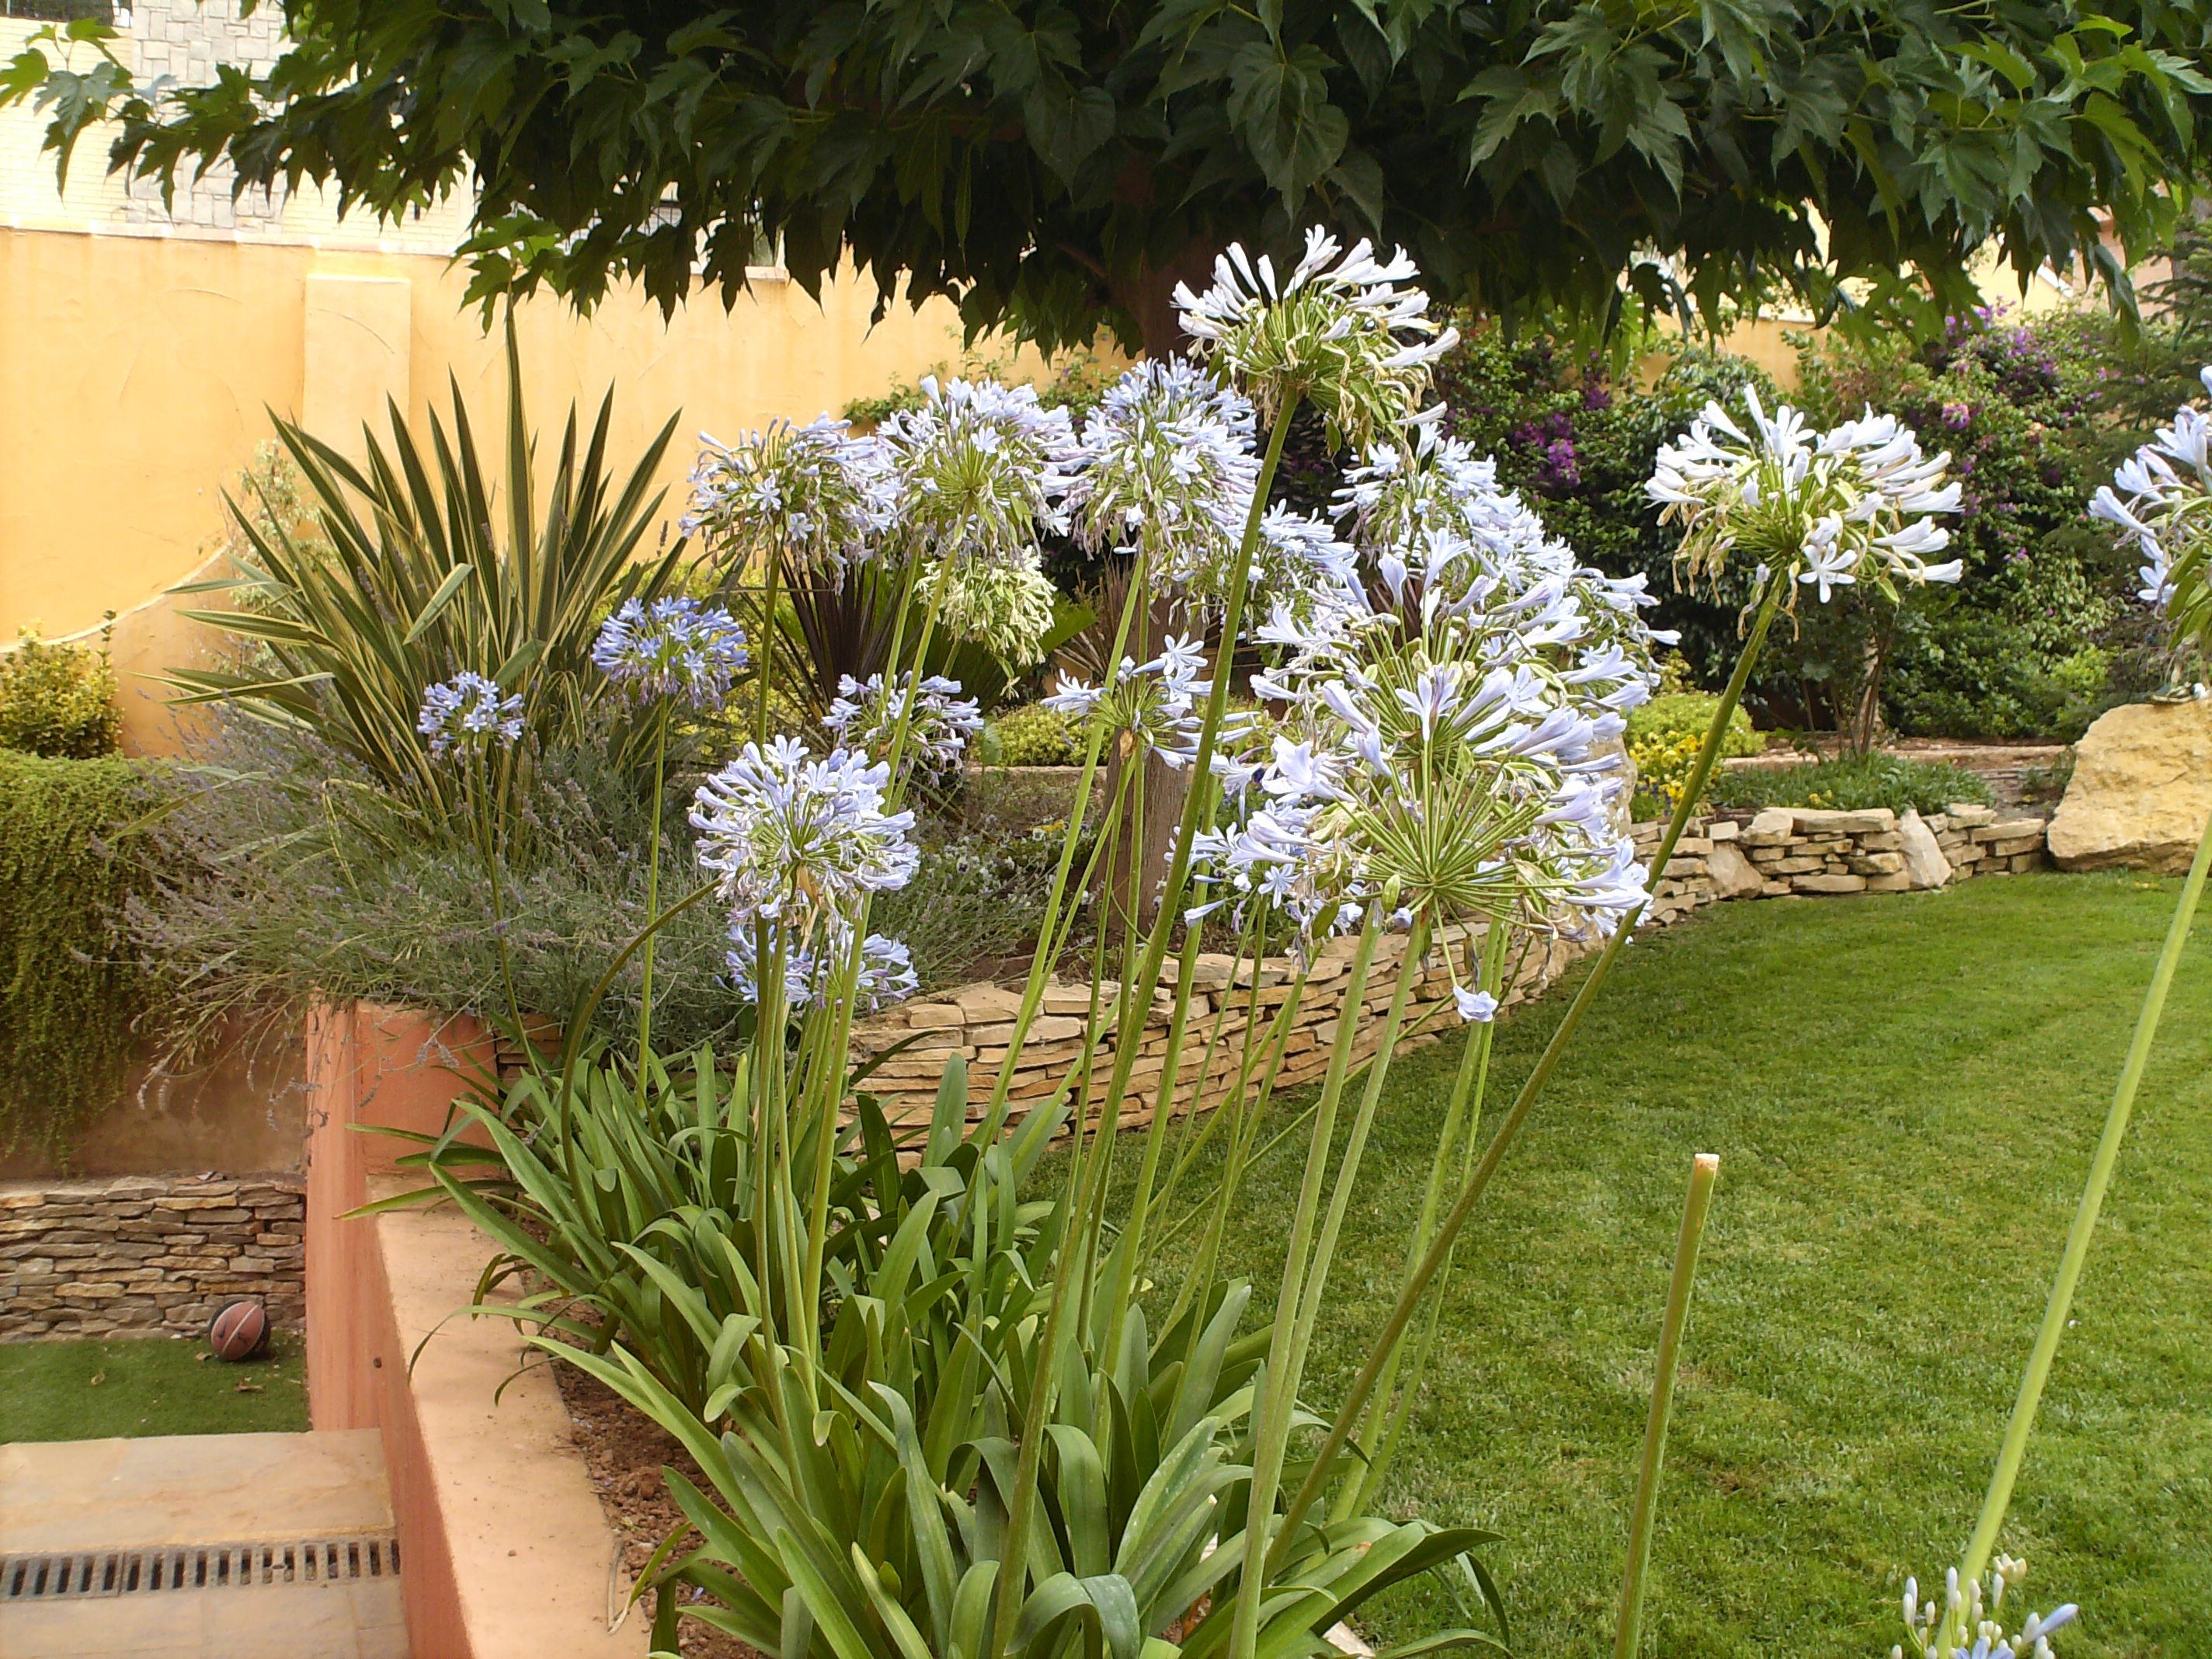 Jardines de exterior dise os arquitect nicos for Jardines de exterior